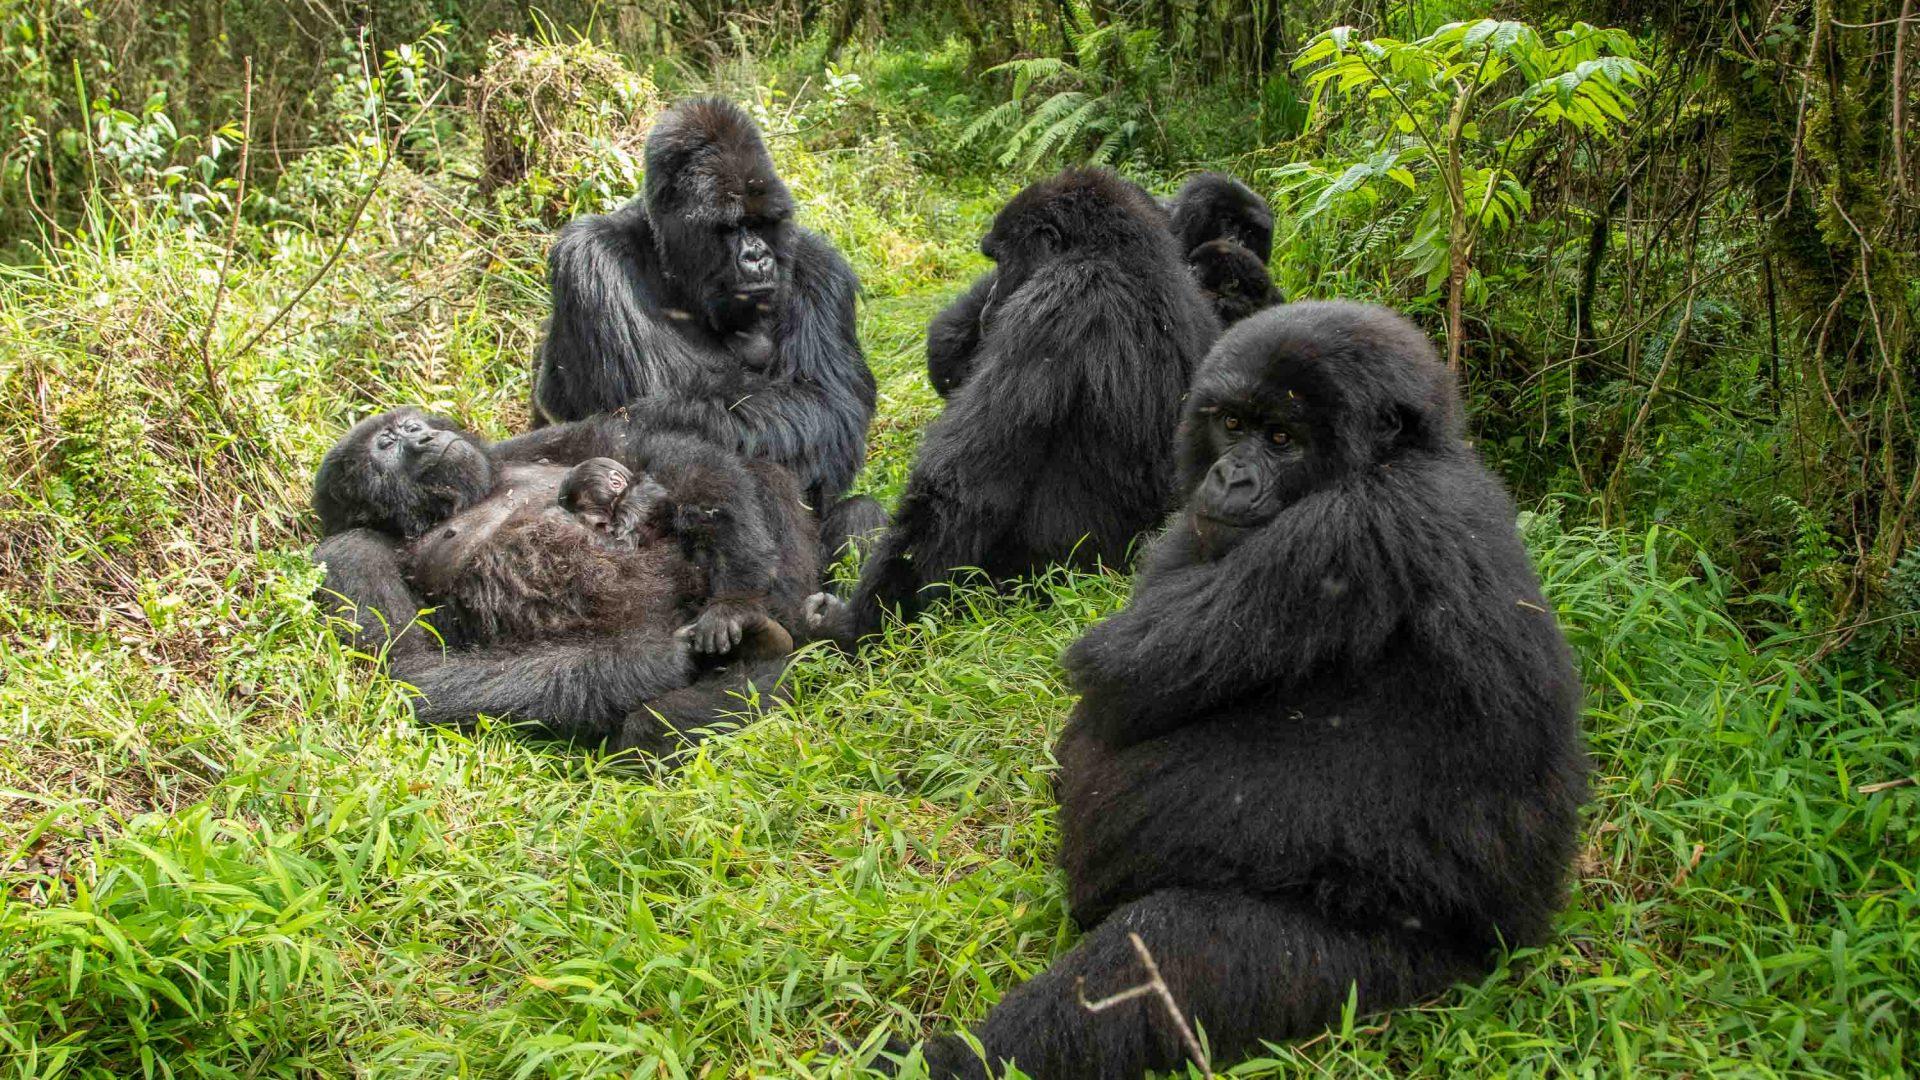 Mountain gorillas are found in Rwanda, Uganda and the Democratic Republic of Congo.